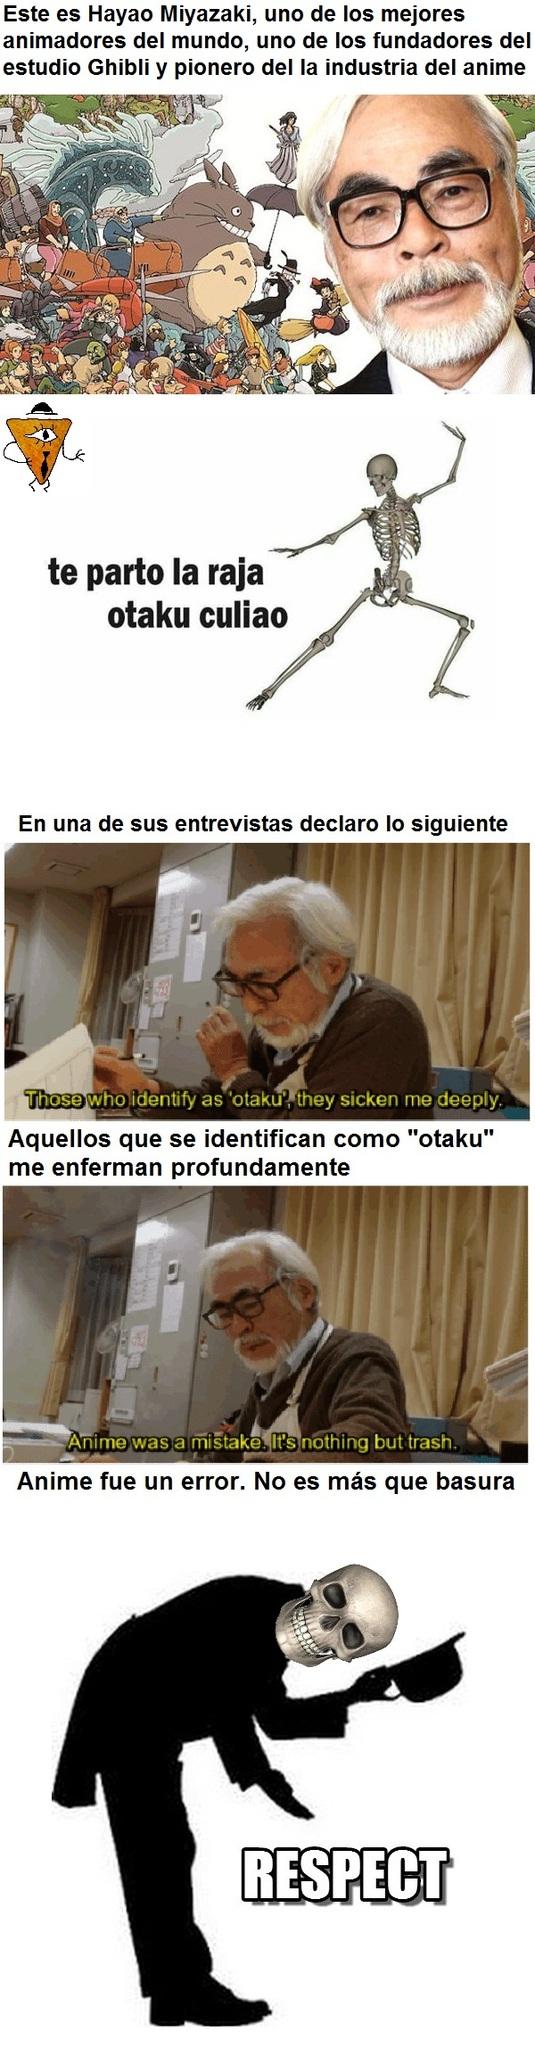 El esqueleto odia a los otakus, no a los animadores - meme